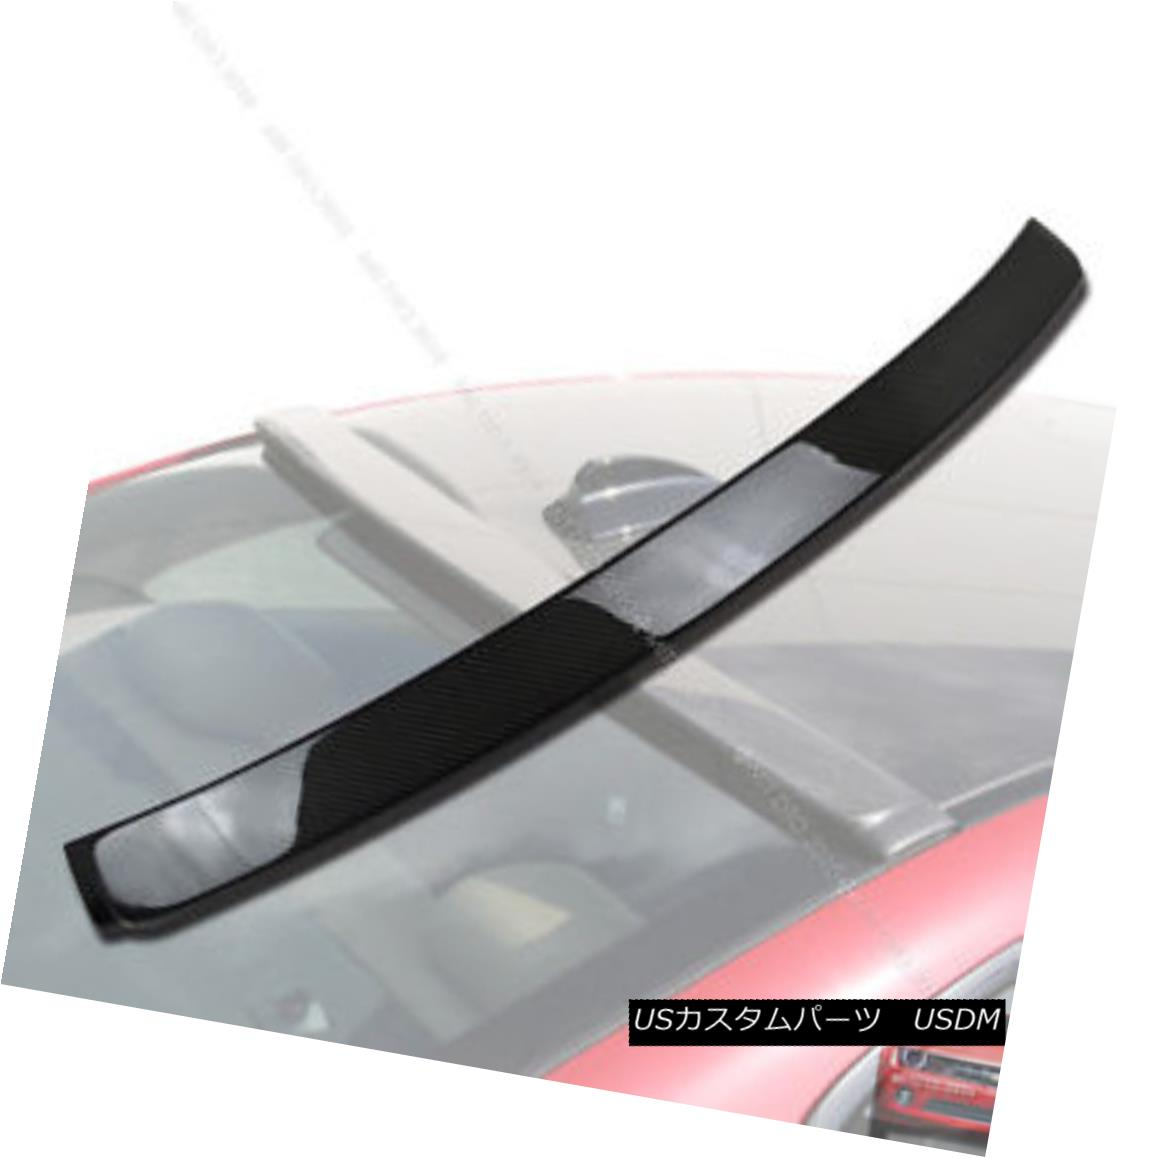 エアロパーツ Carbon Fiber BMW E92 3 Series A Coupe Roof Spoiler Rear Wing 335i 335xi M3§ カーボンファイバーBMW E92 3シリーズAクーペルーフスポイラーリアウイング335i 335xi M3